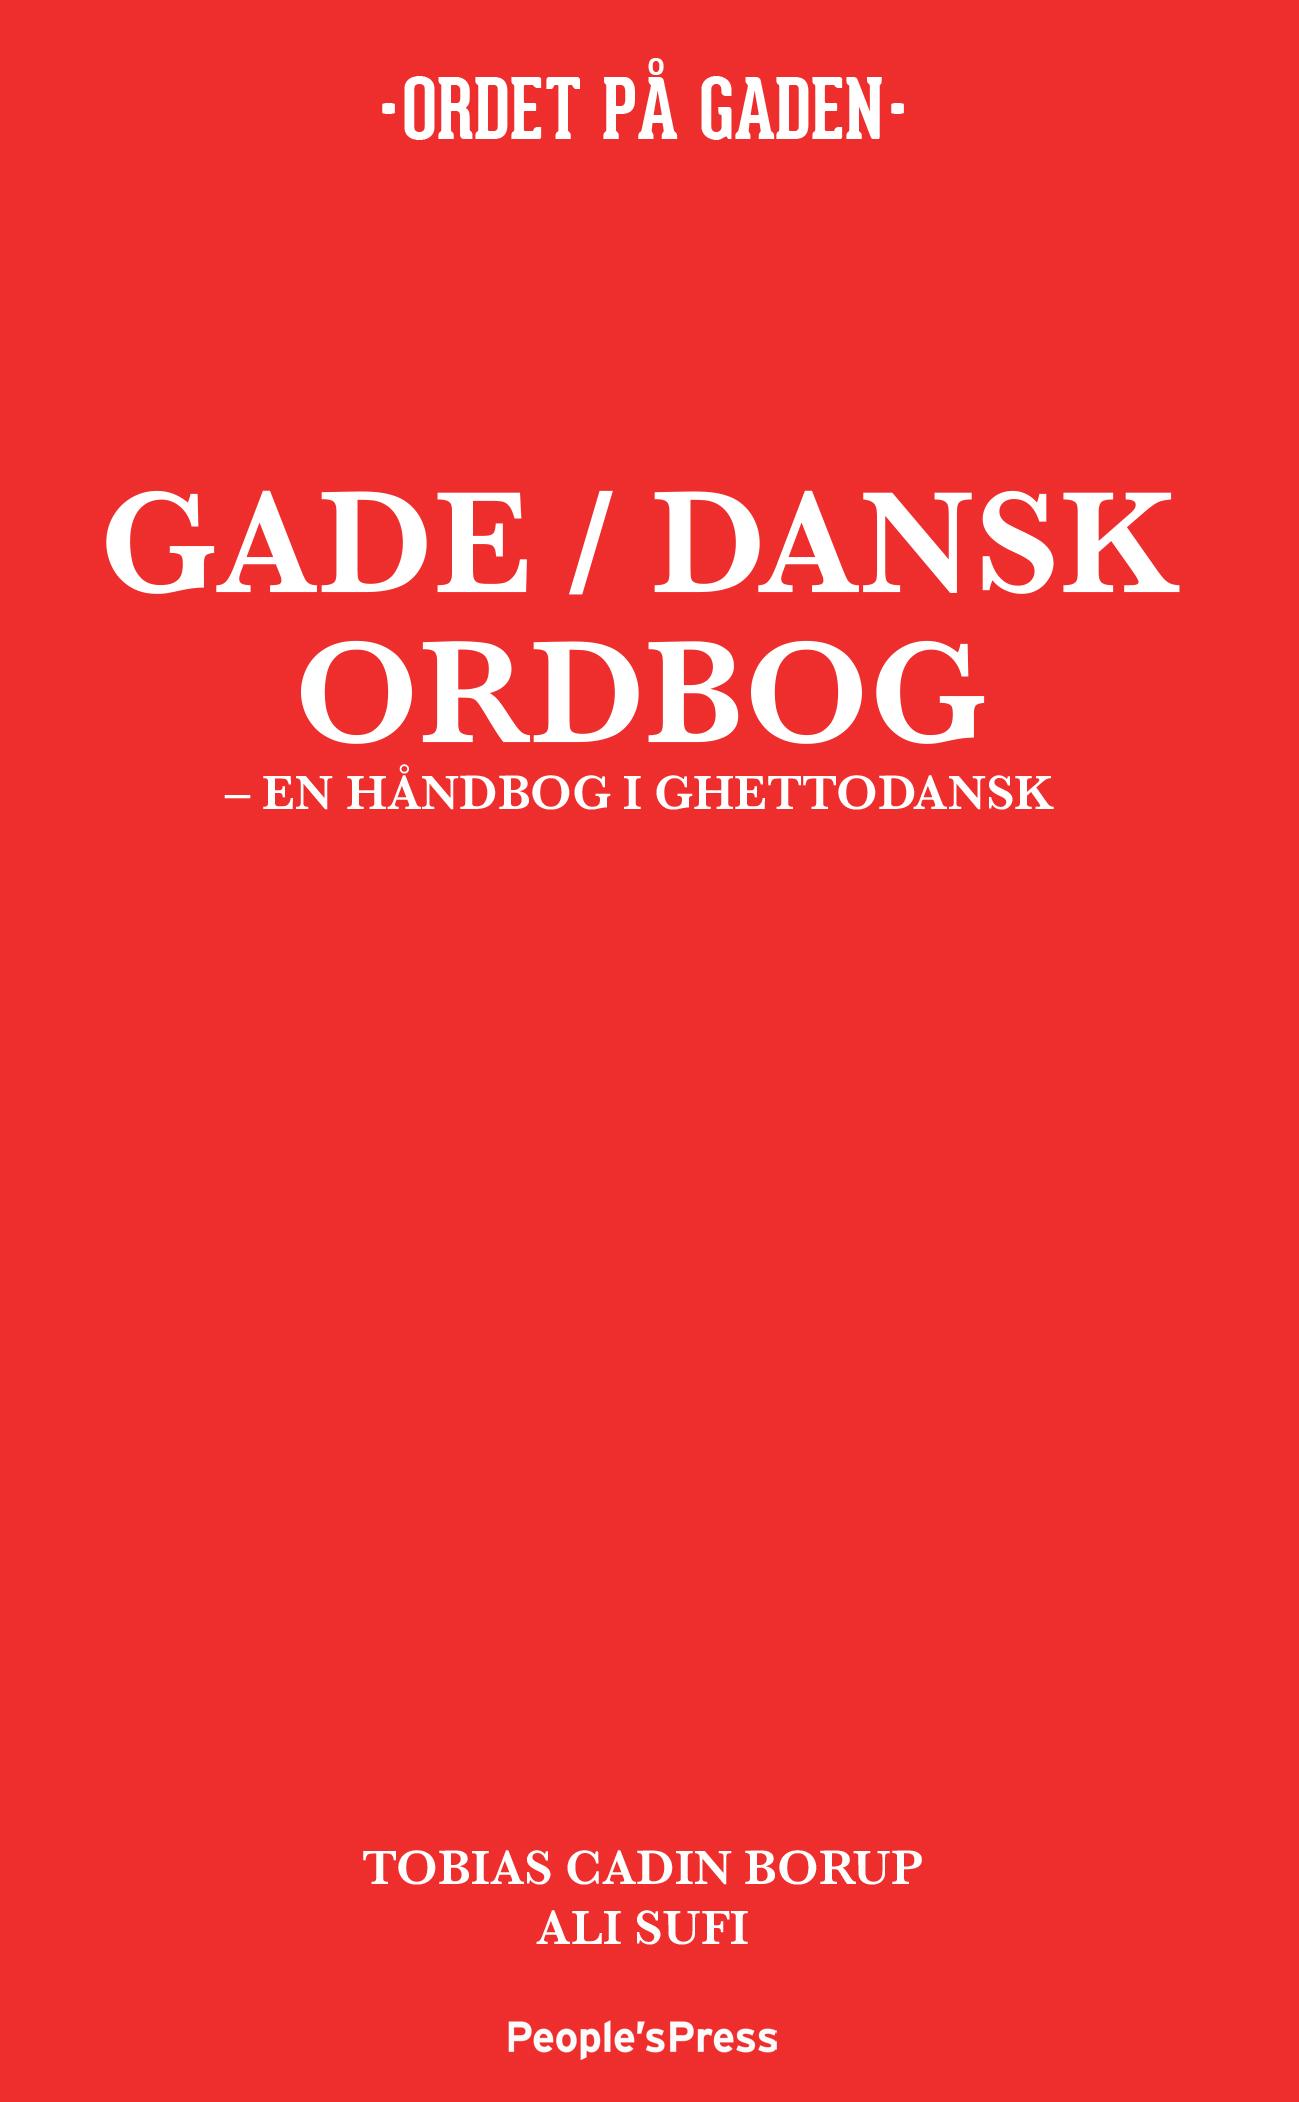 Gade / Dansk ordbog